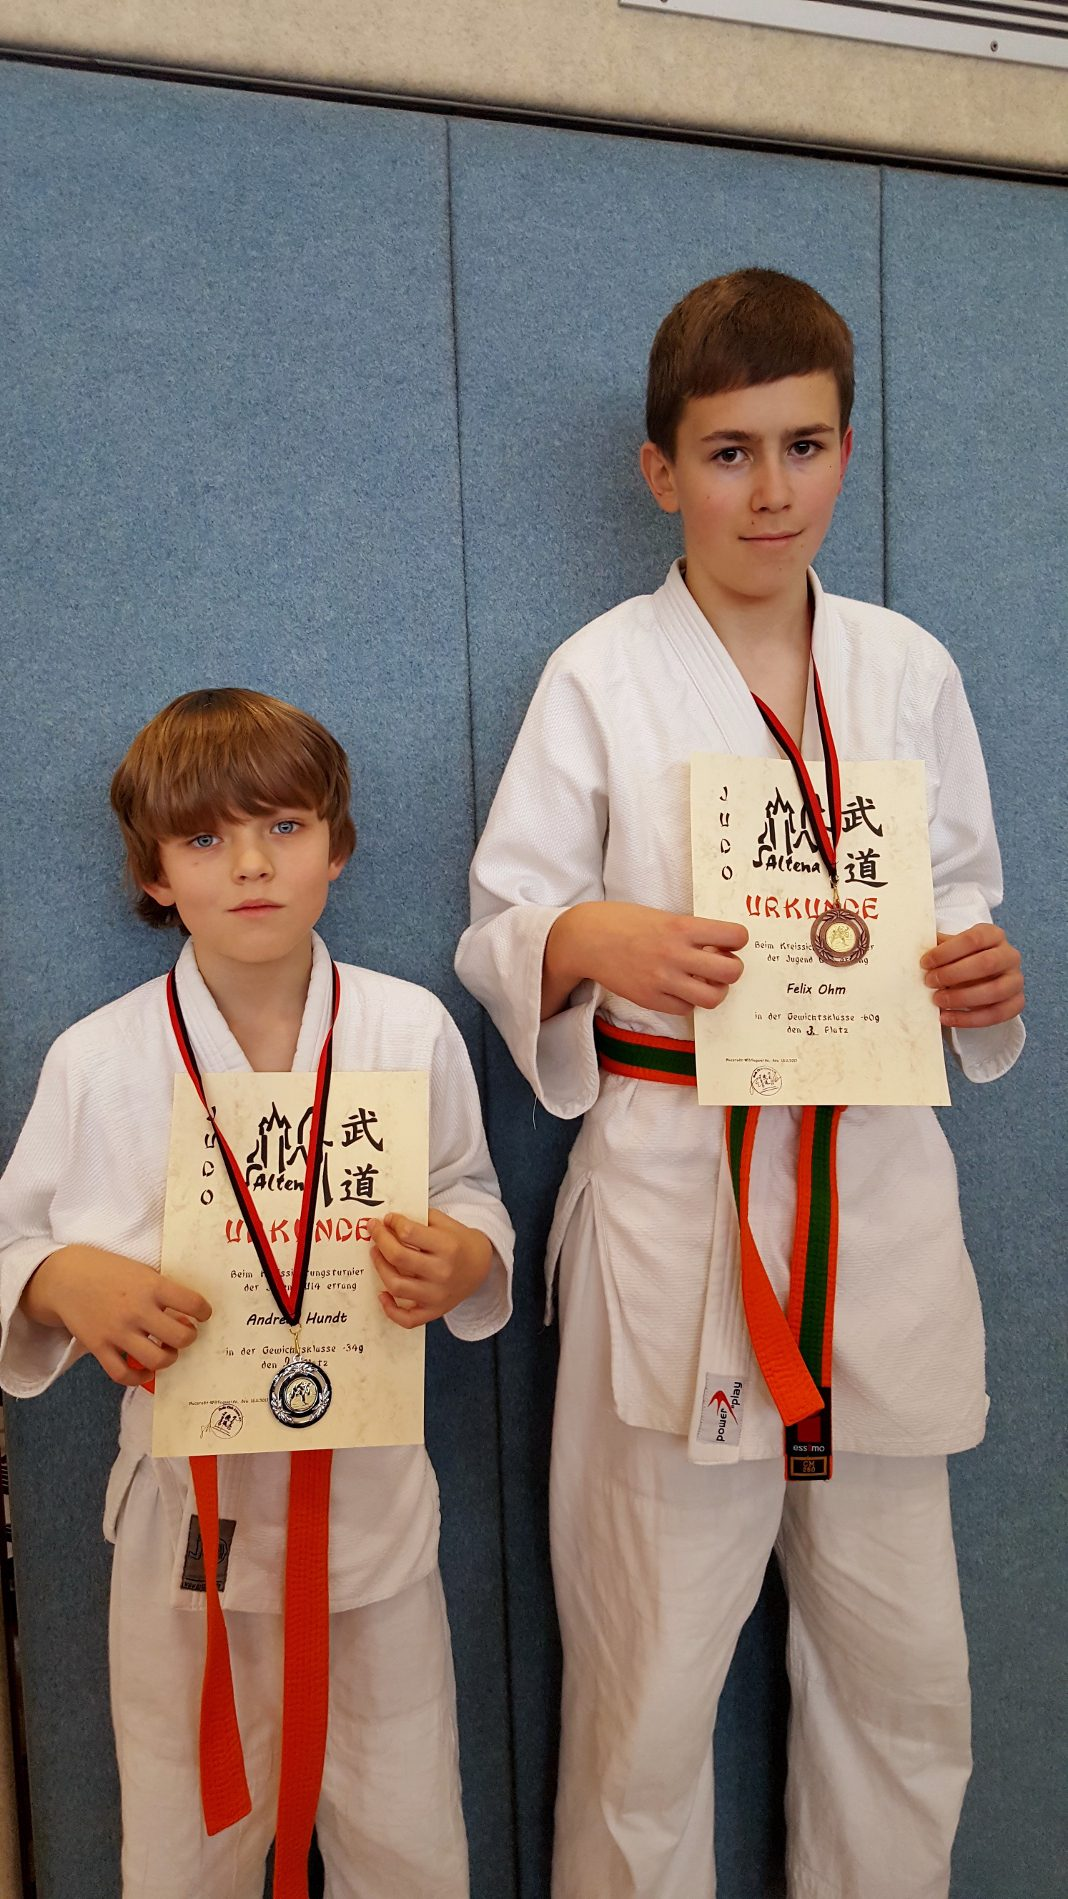 attendorner geschichten - judoka